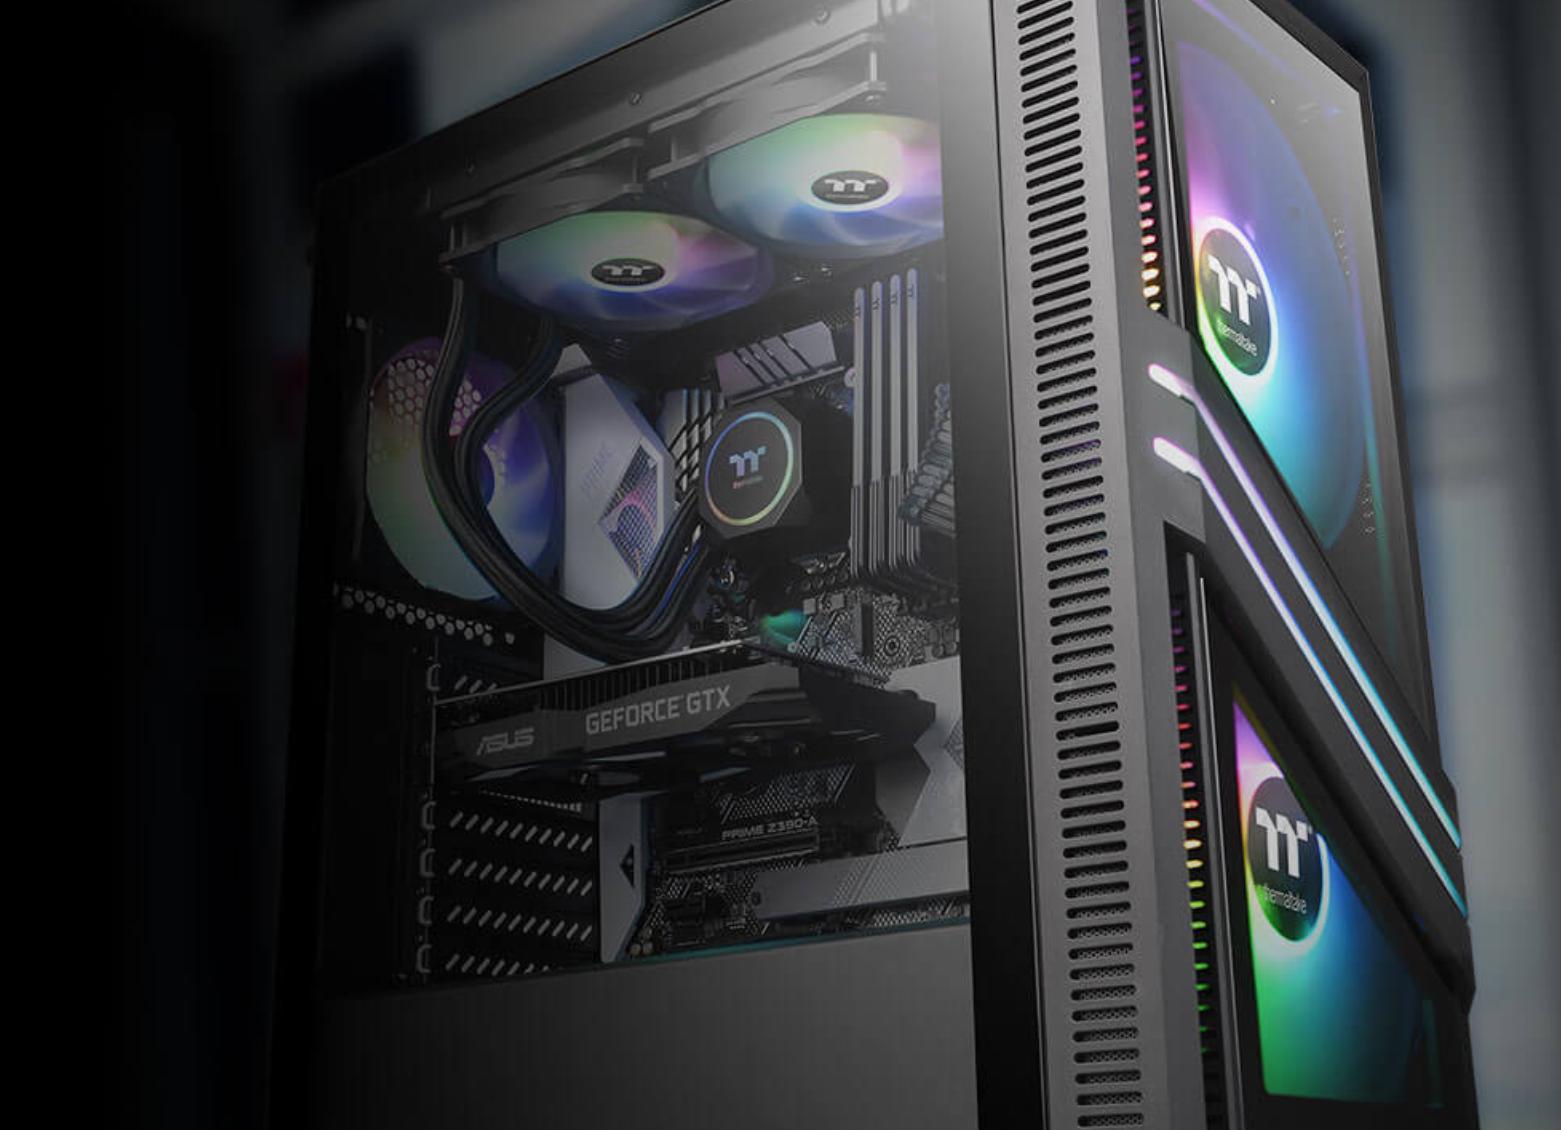 Компания Thermaltake выпустила новейший корпус для геймеров - Versa T35 Tempered Glass RGB